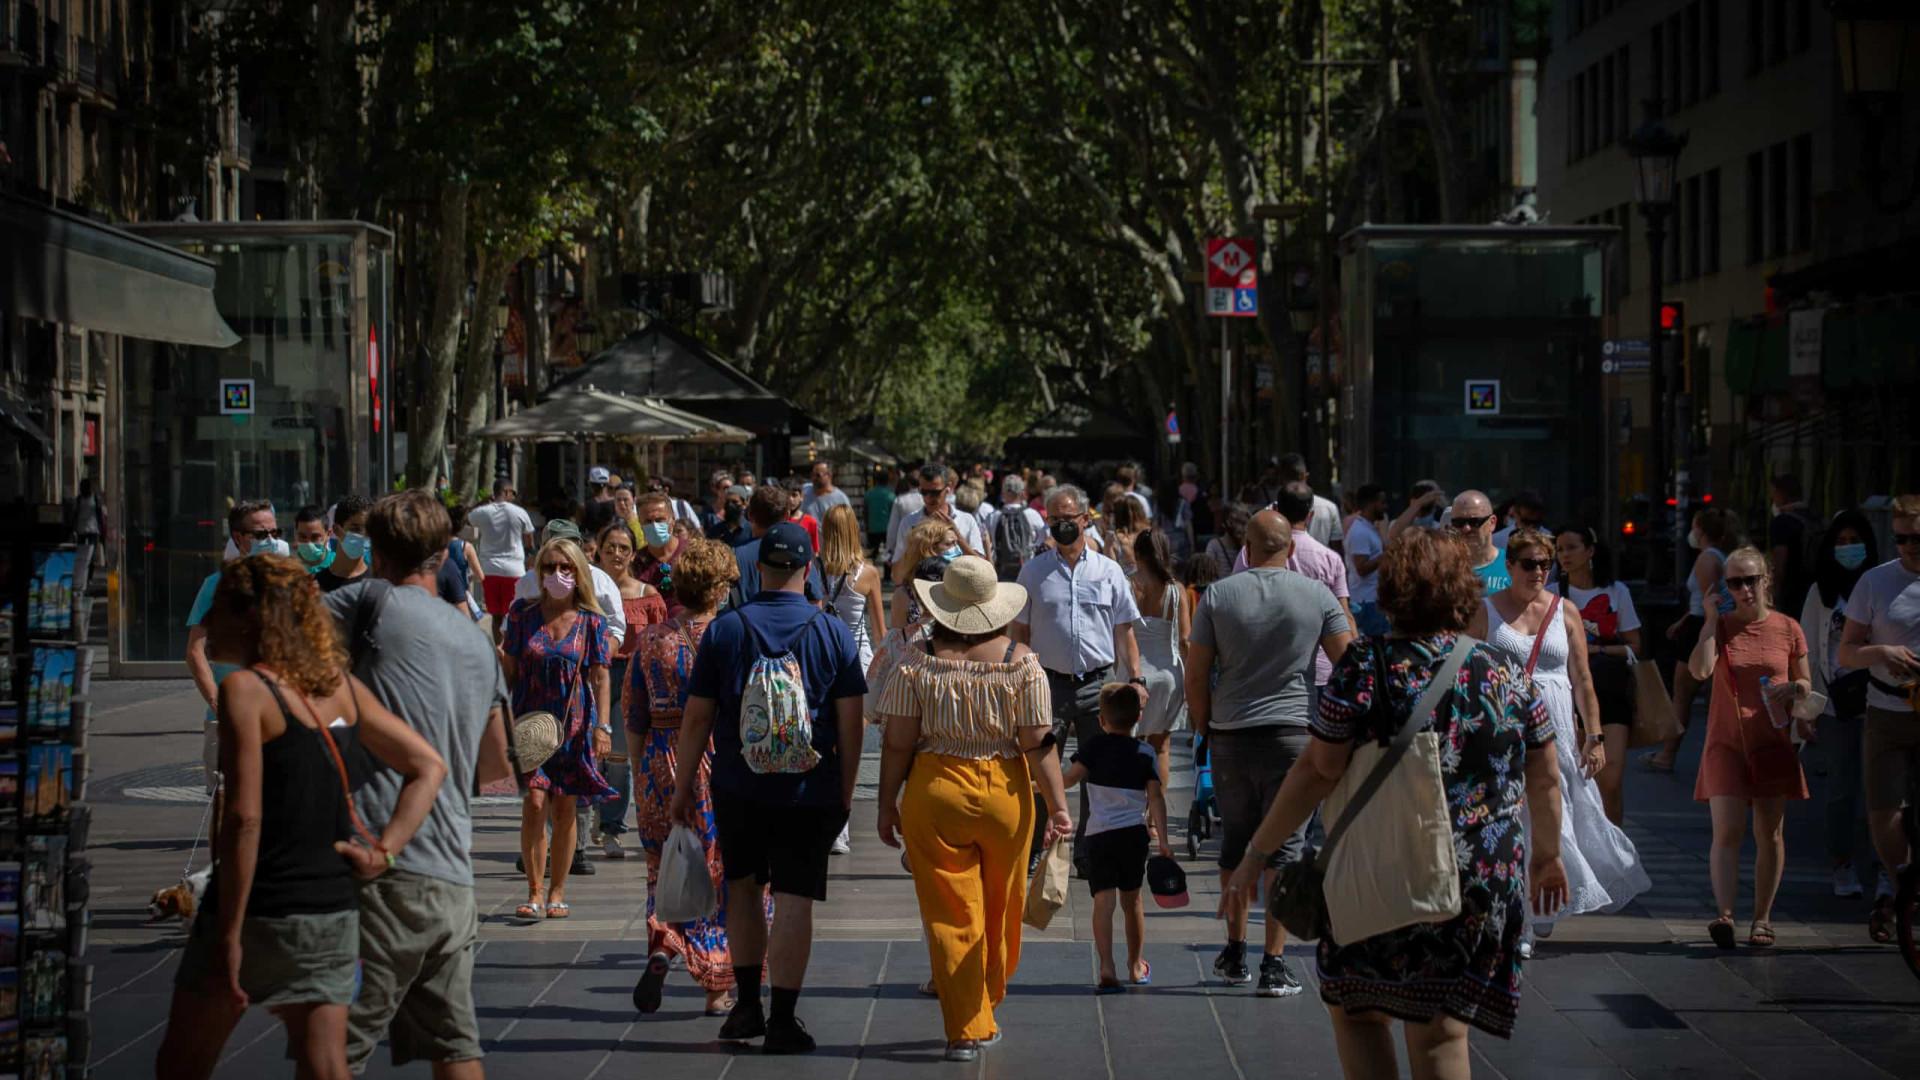 Turista morre sufocado após engolir chave do carro na Espanha